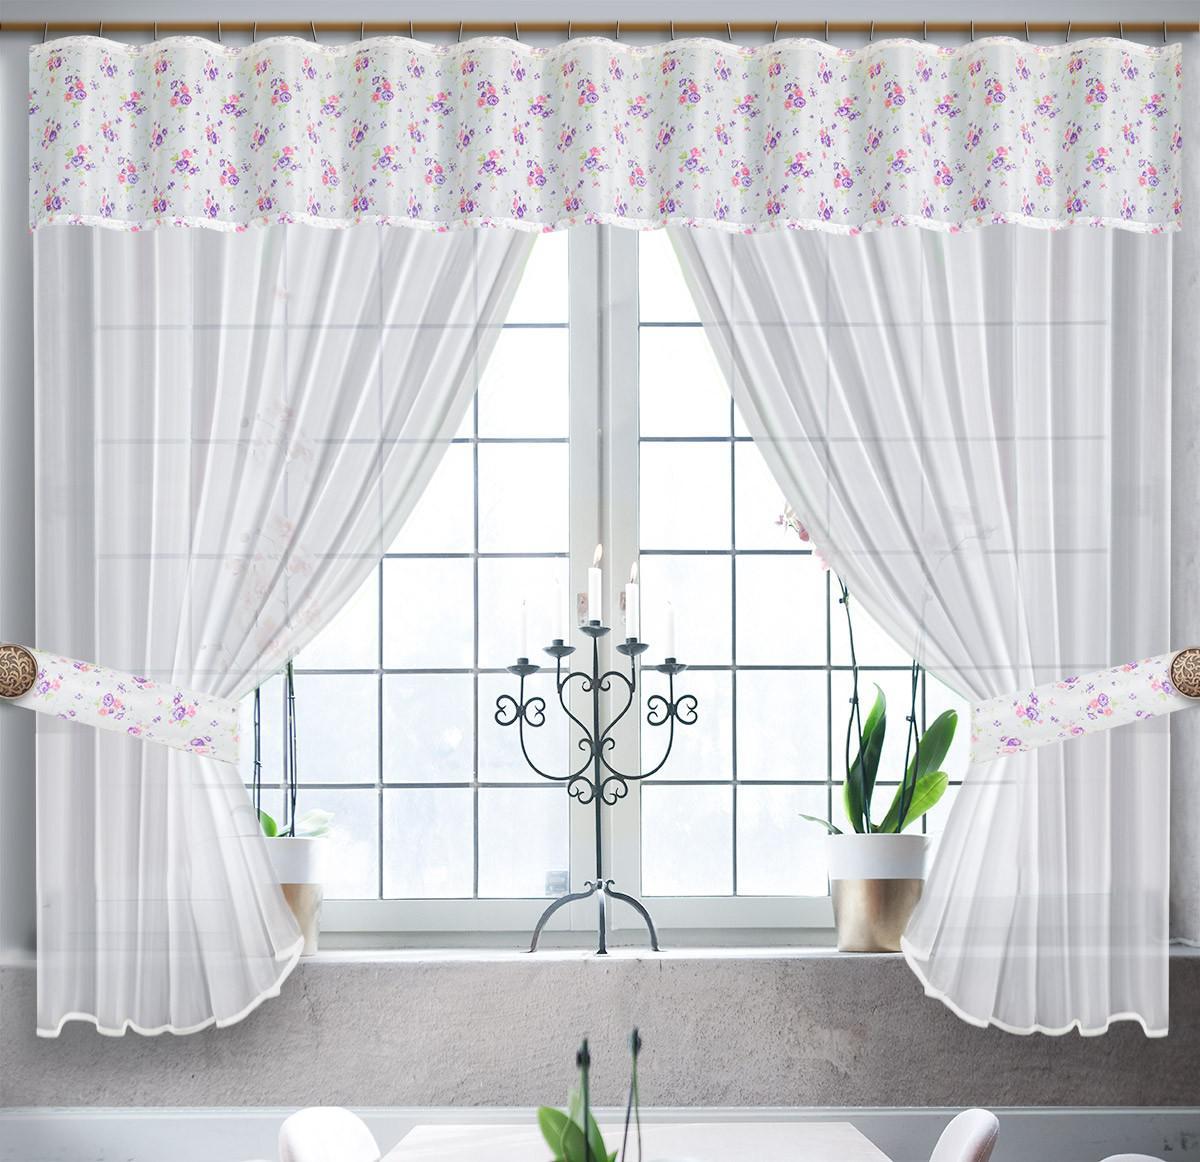 0028/БФ, ФЛОРАНС, комплект из вуали , цвет бело-фиолетовый,  размеры 300 см ширина, 180 см высота,  состоит из 3-х деталей. подхваты входят в комплектицию